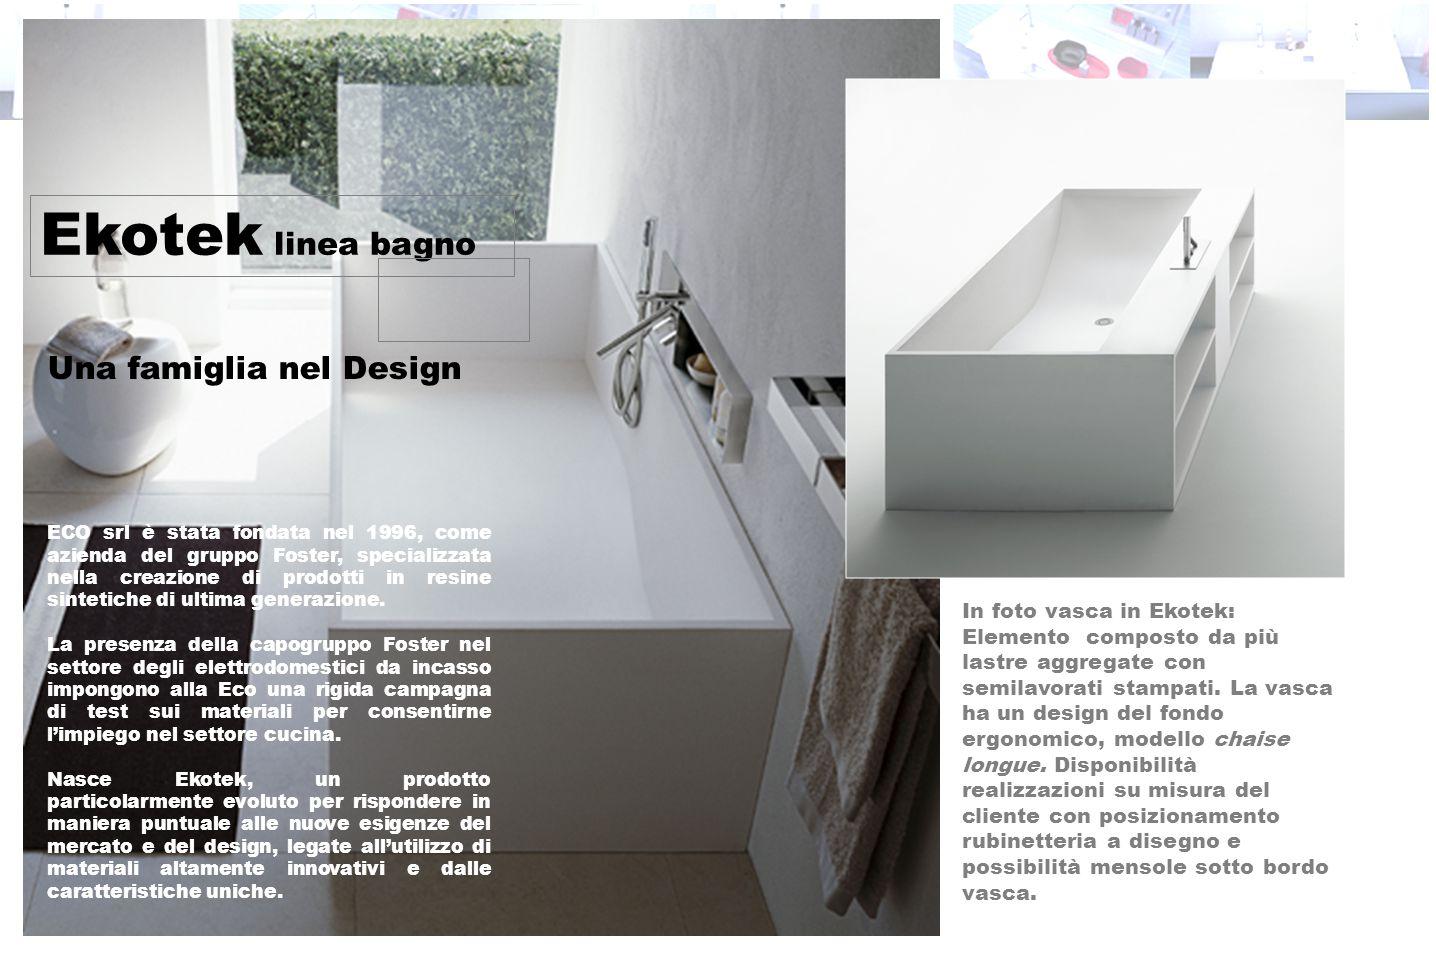 Ekotek linea bagno Una famiglia nel Design ECO srl è stata fondata nel 1996, come azienda del gruppo Foster, specializzata nella creazione di prodotti in resine sintetiche di ultima generazione.